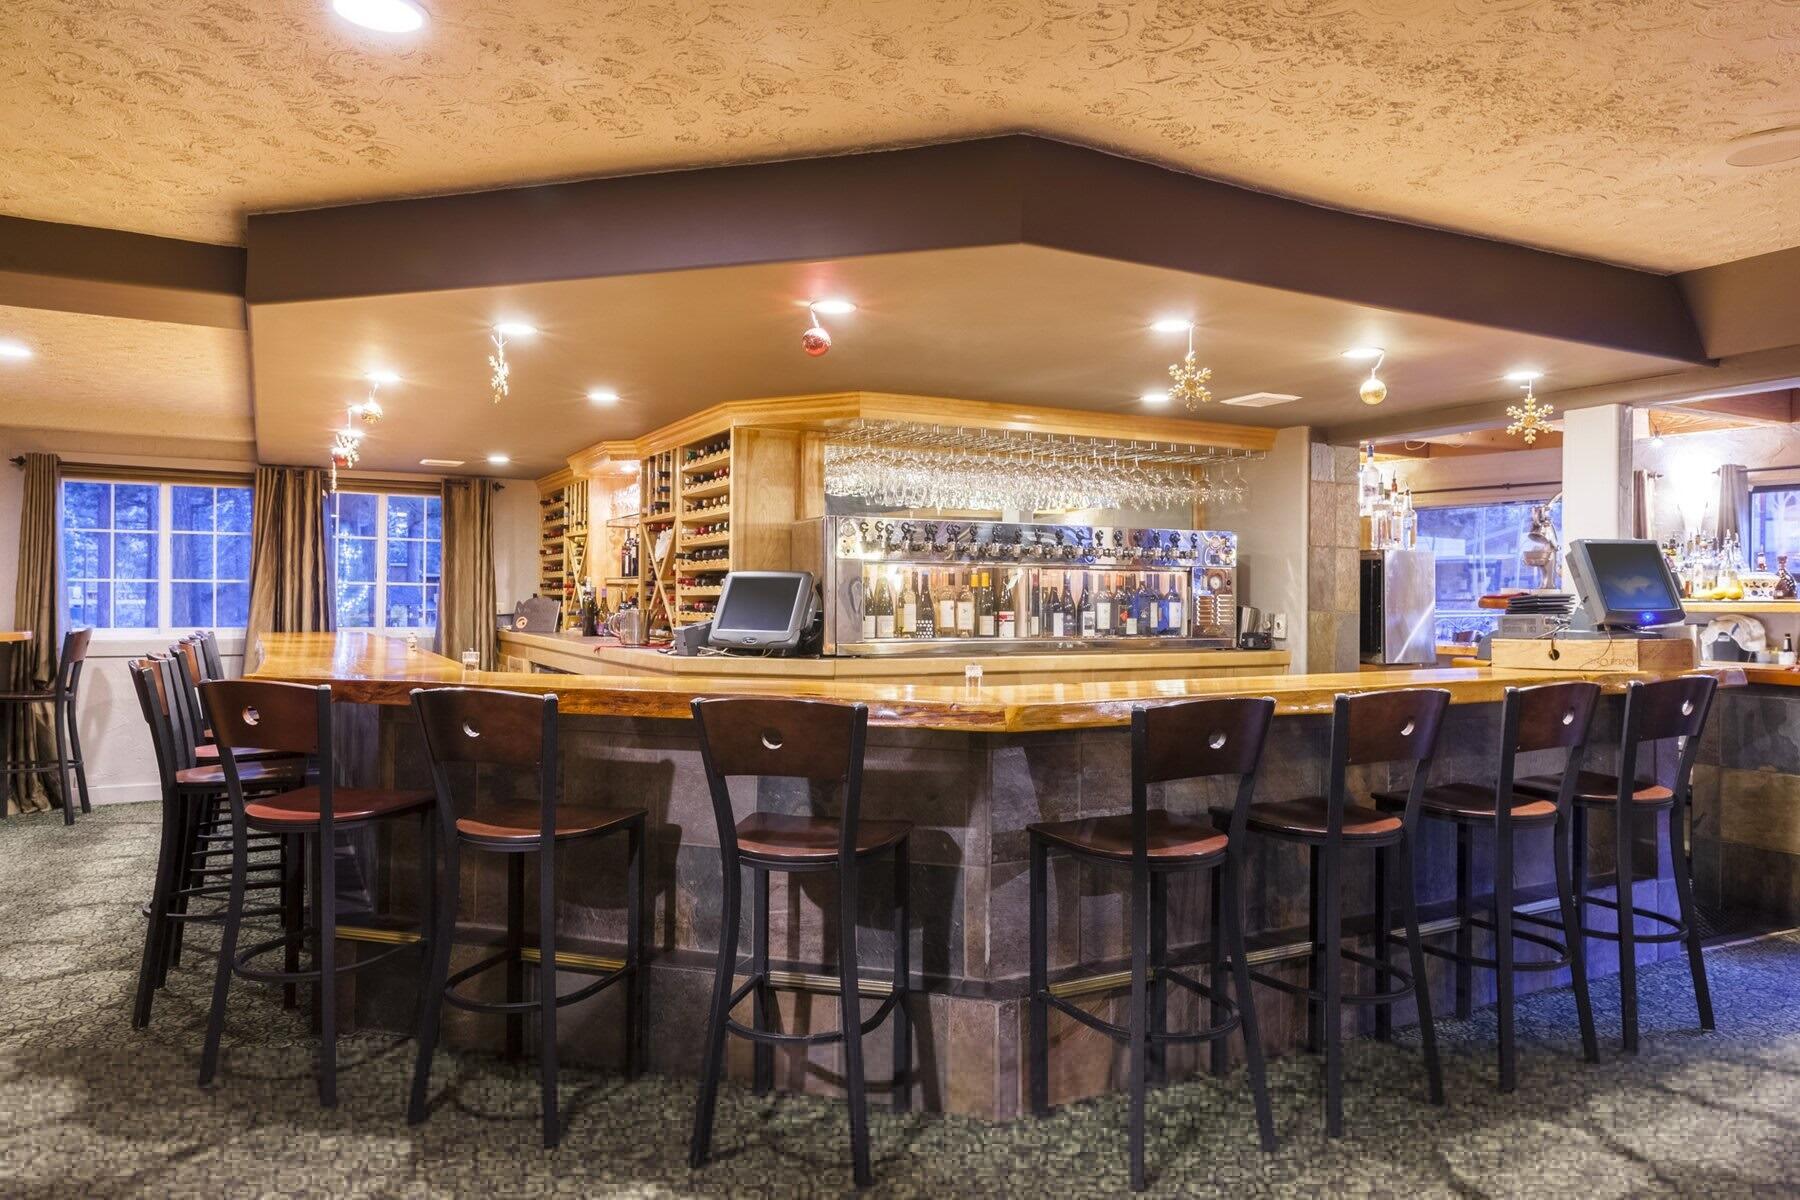 petra's bar